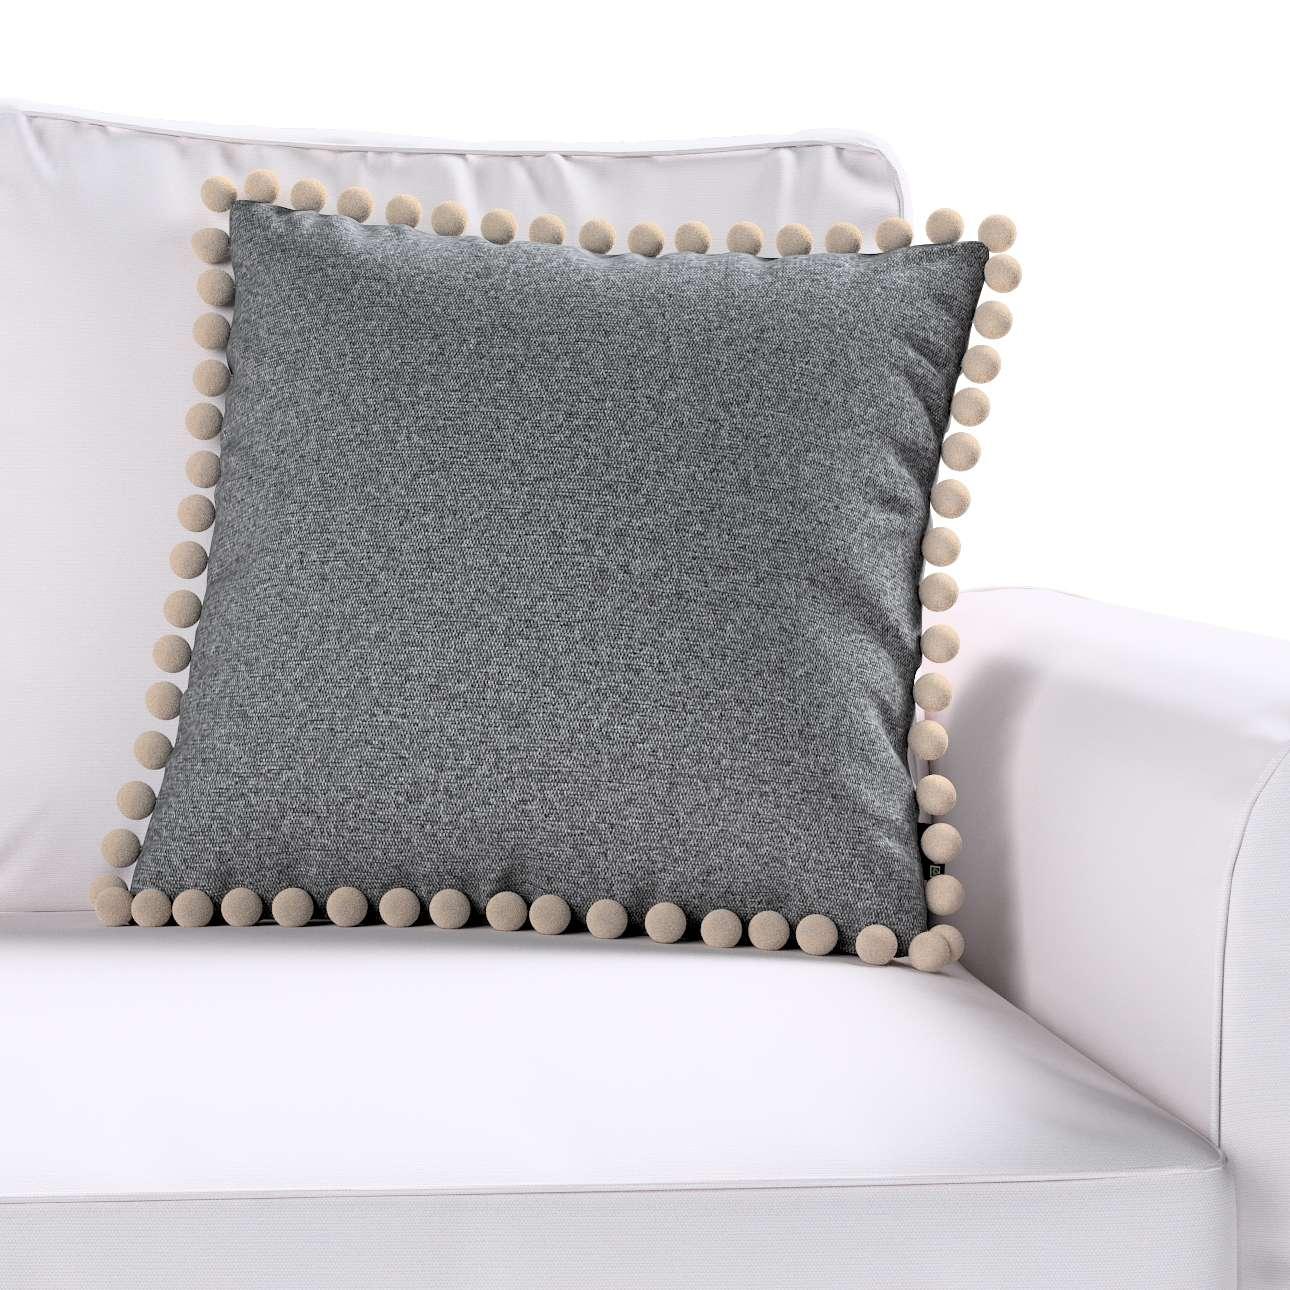 Poszewka Wera na poduszkę w kolekcji Amsterdam, tkanina: 704-47